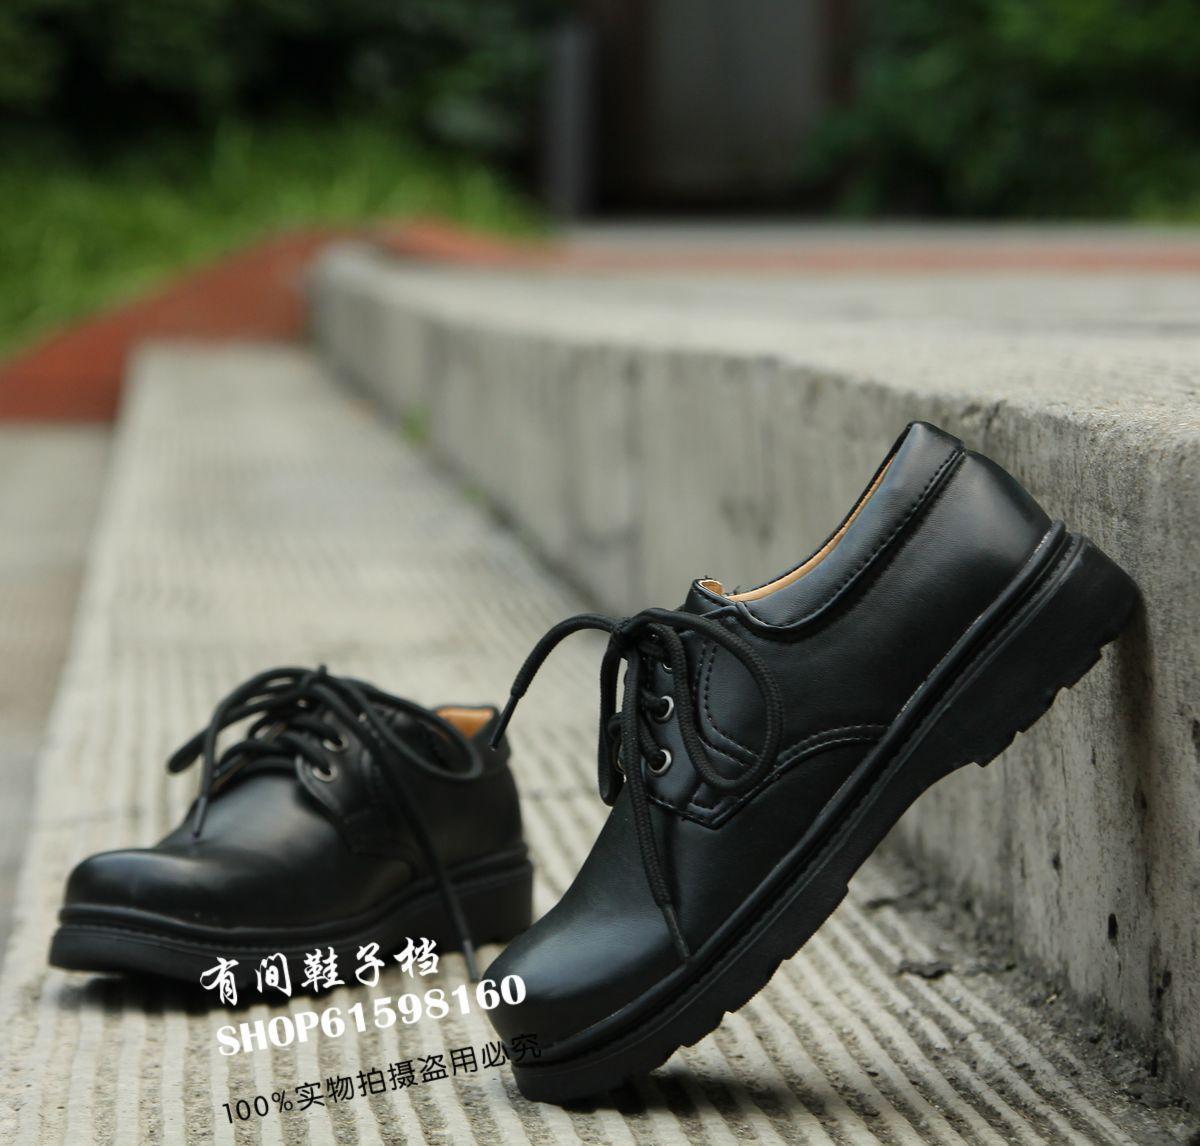 Детская кожаная обувь Other brands T609 COS Девочки, Мужчины, Унисекс Искусственная кожа Шнурок Резина